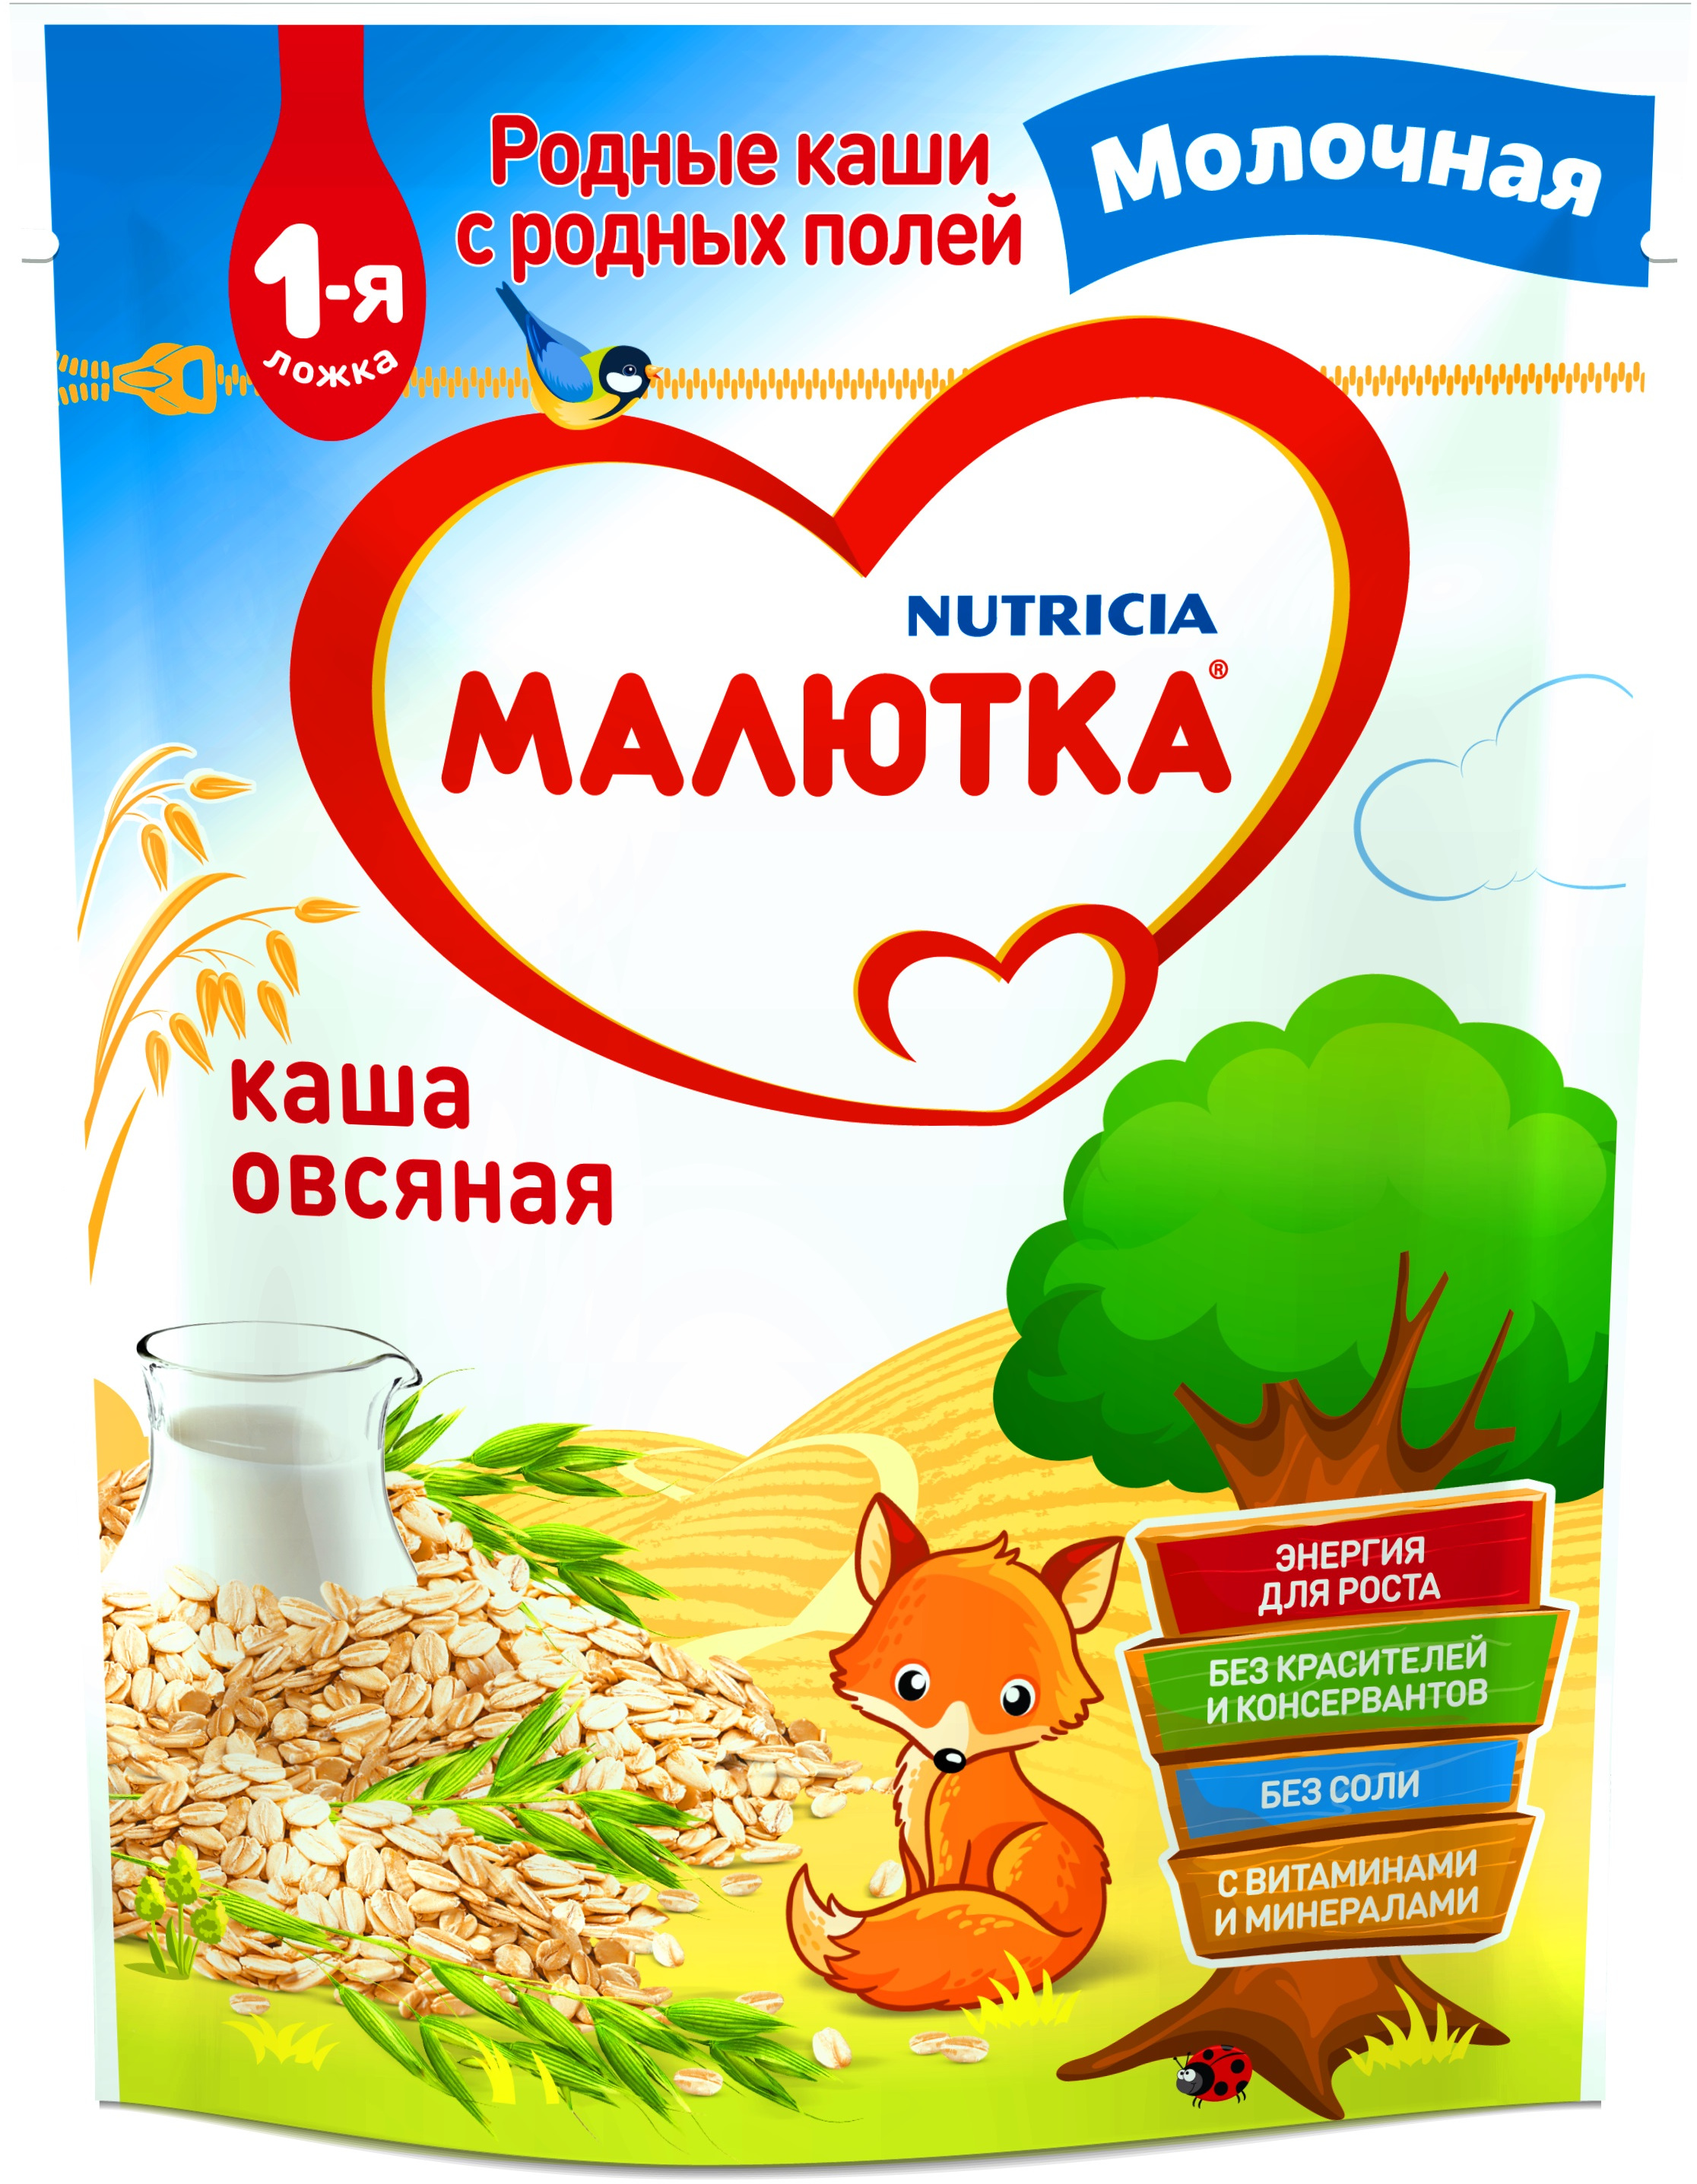 Купить Каша, Малютка (Nutricia) Молочная овсяная (с 5 месяцев) 220 г, 1шт., Малютка 118071, Россия